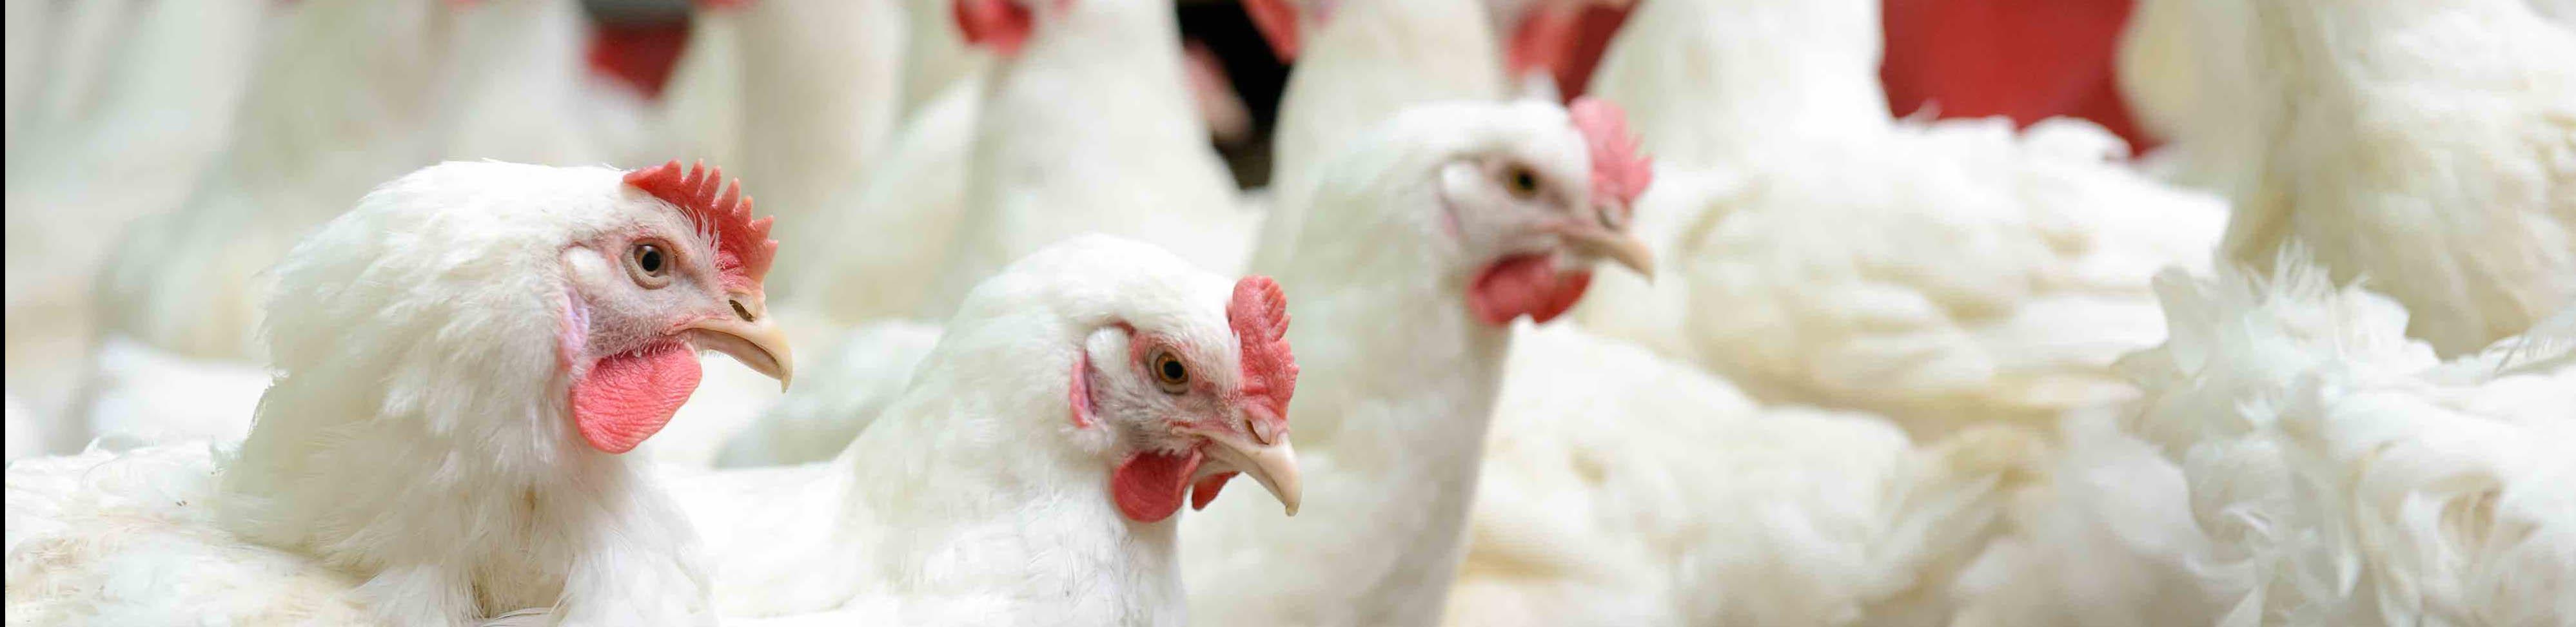 Нойлеры и куройлеры – новое достижение в селекции кур